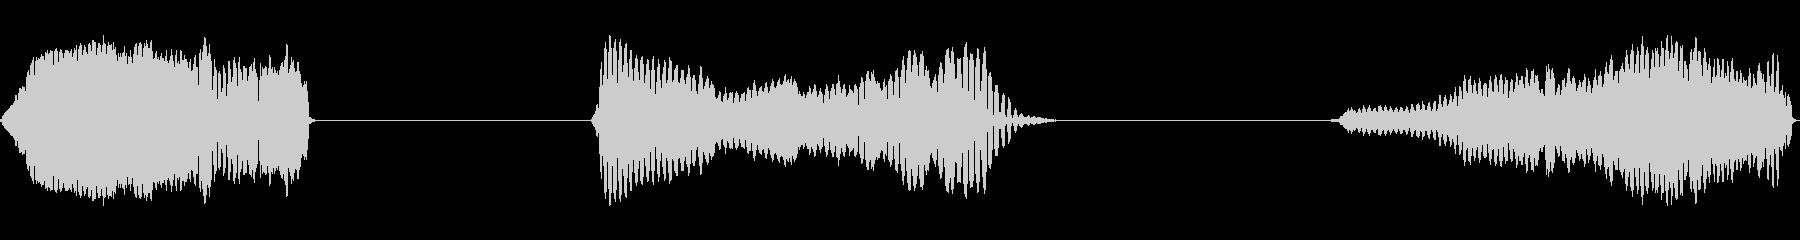 トーンホイッスルシェイキーライズwavの未再生の波形